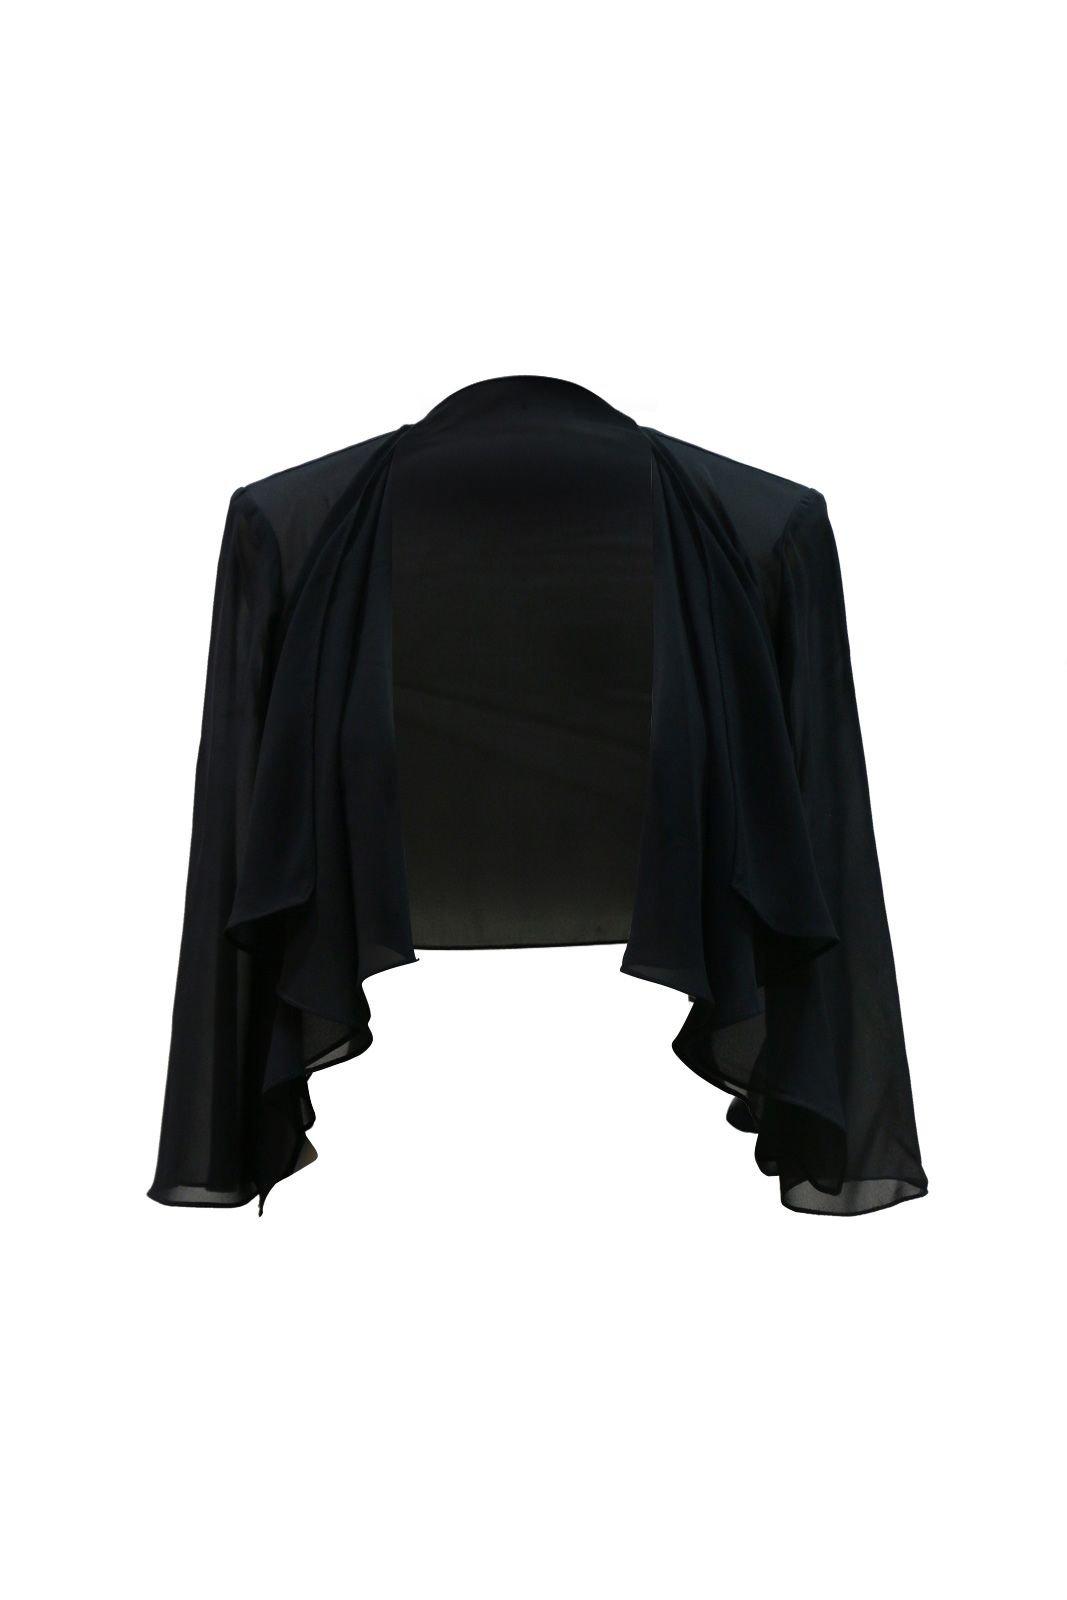 Chic Queen Women's Sheer Chiffon Bolero Shrug Jacket Cardigan Long Sleeve(M/Black)